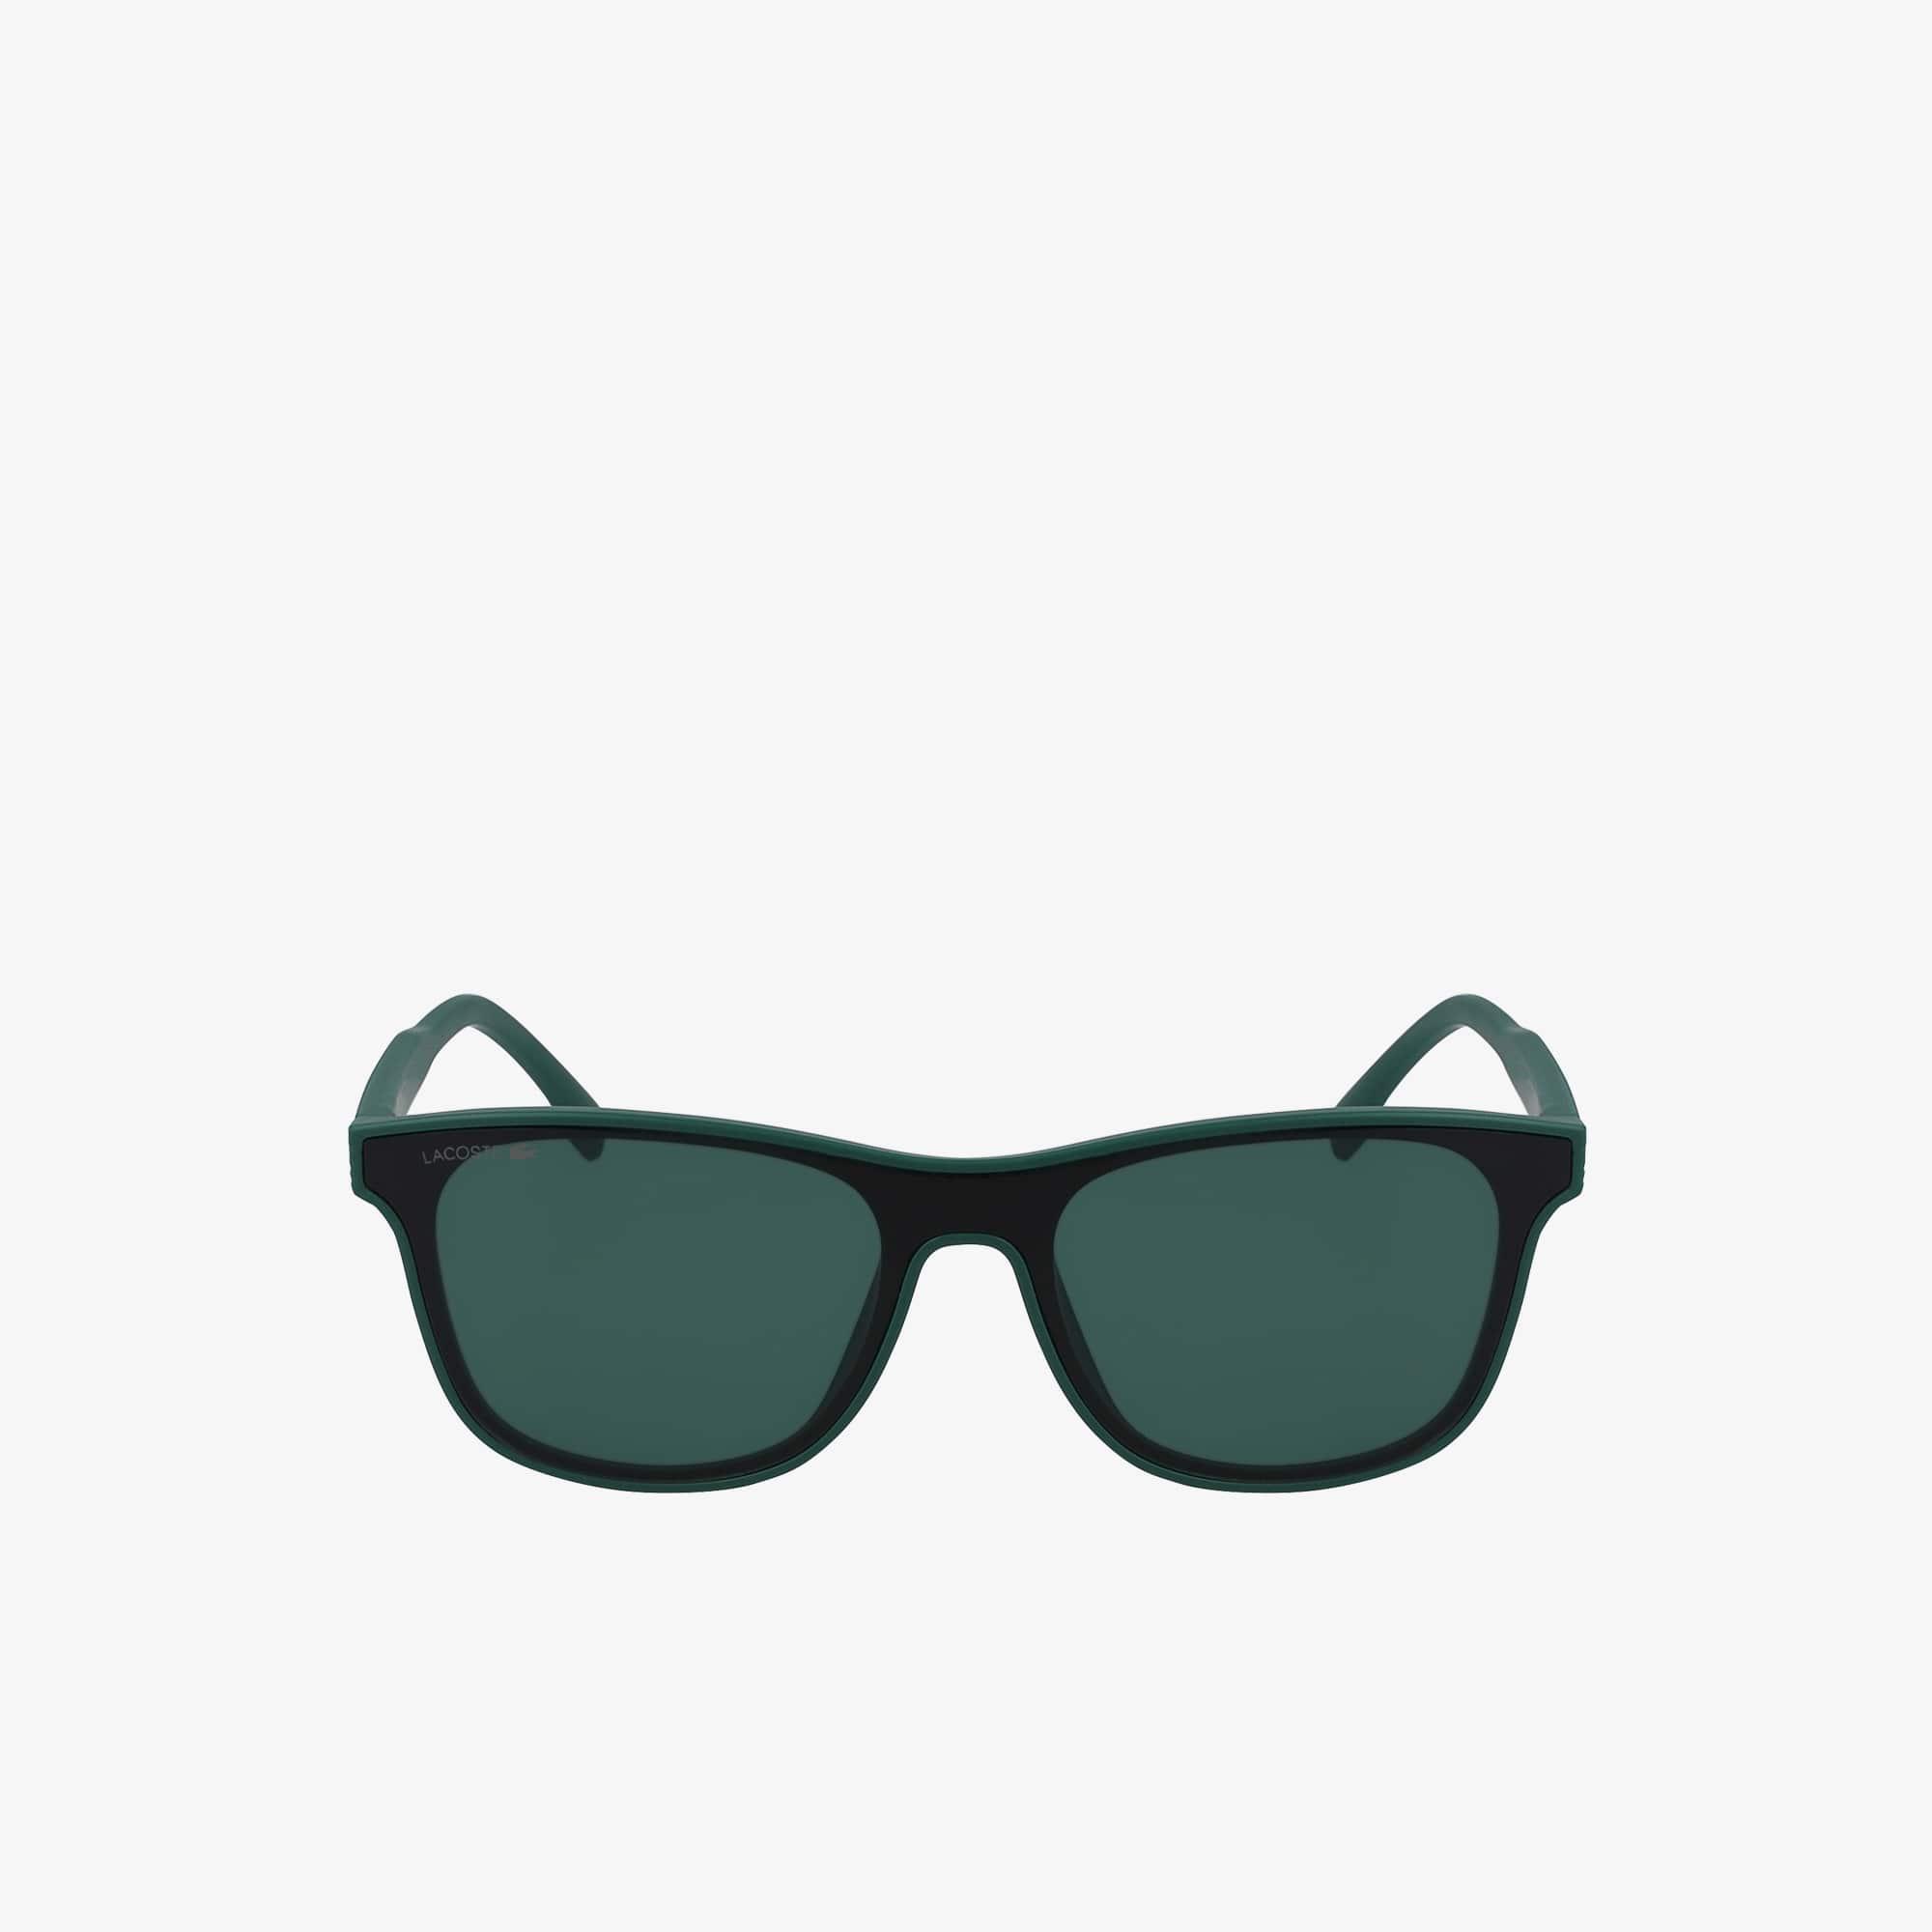 L.12.12 Sonnenbrille mit Kunststoffrahmen und Abschirmung